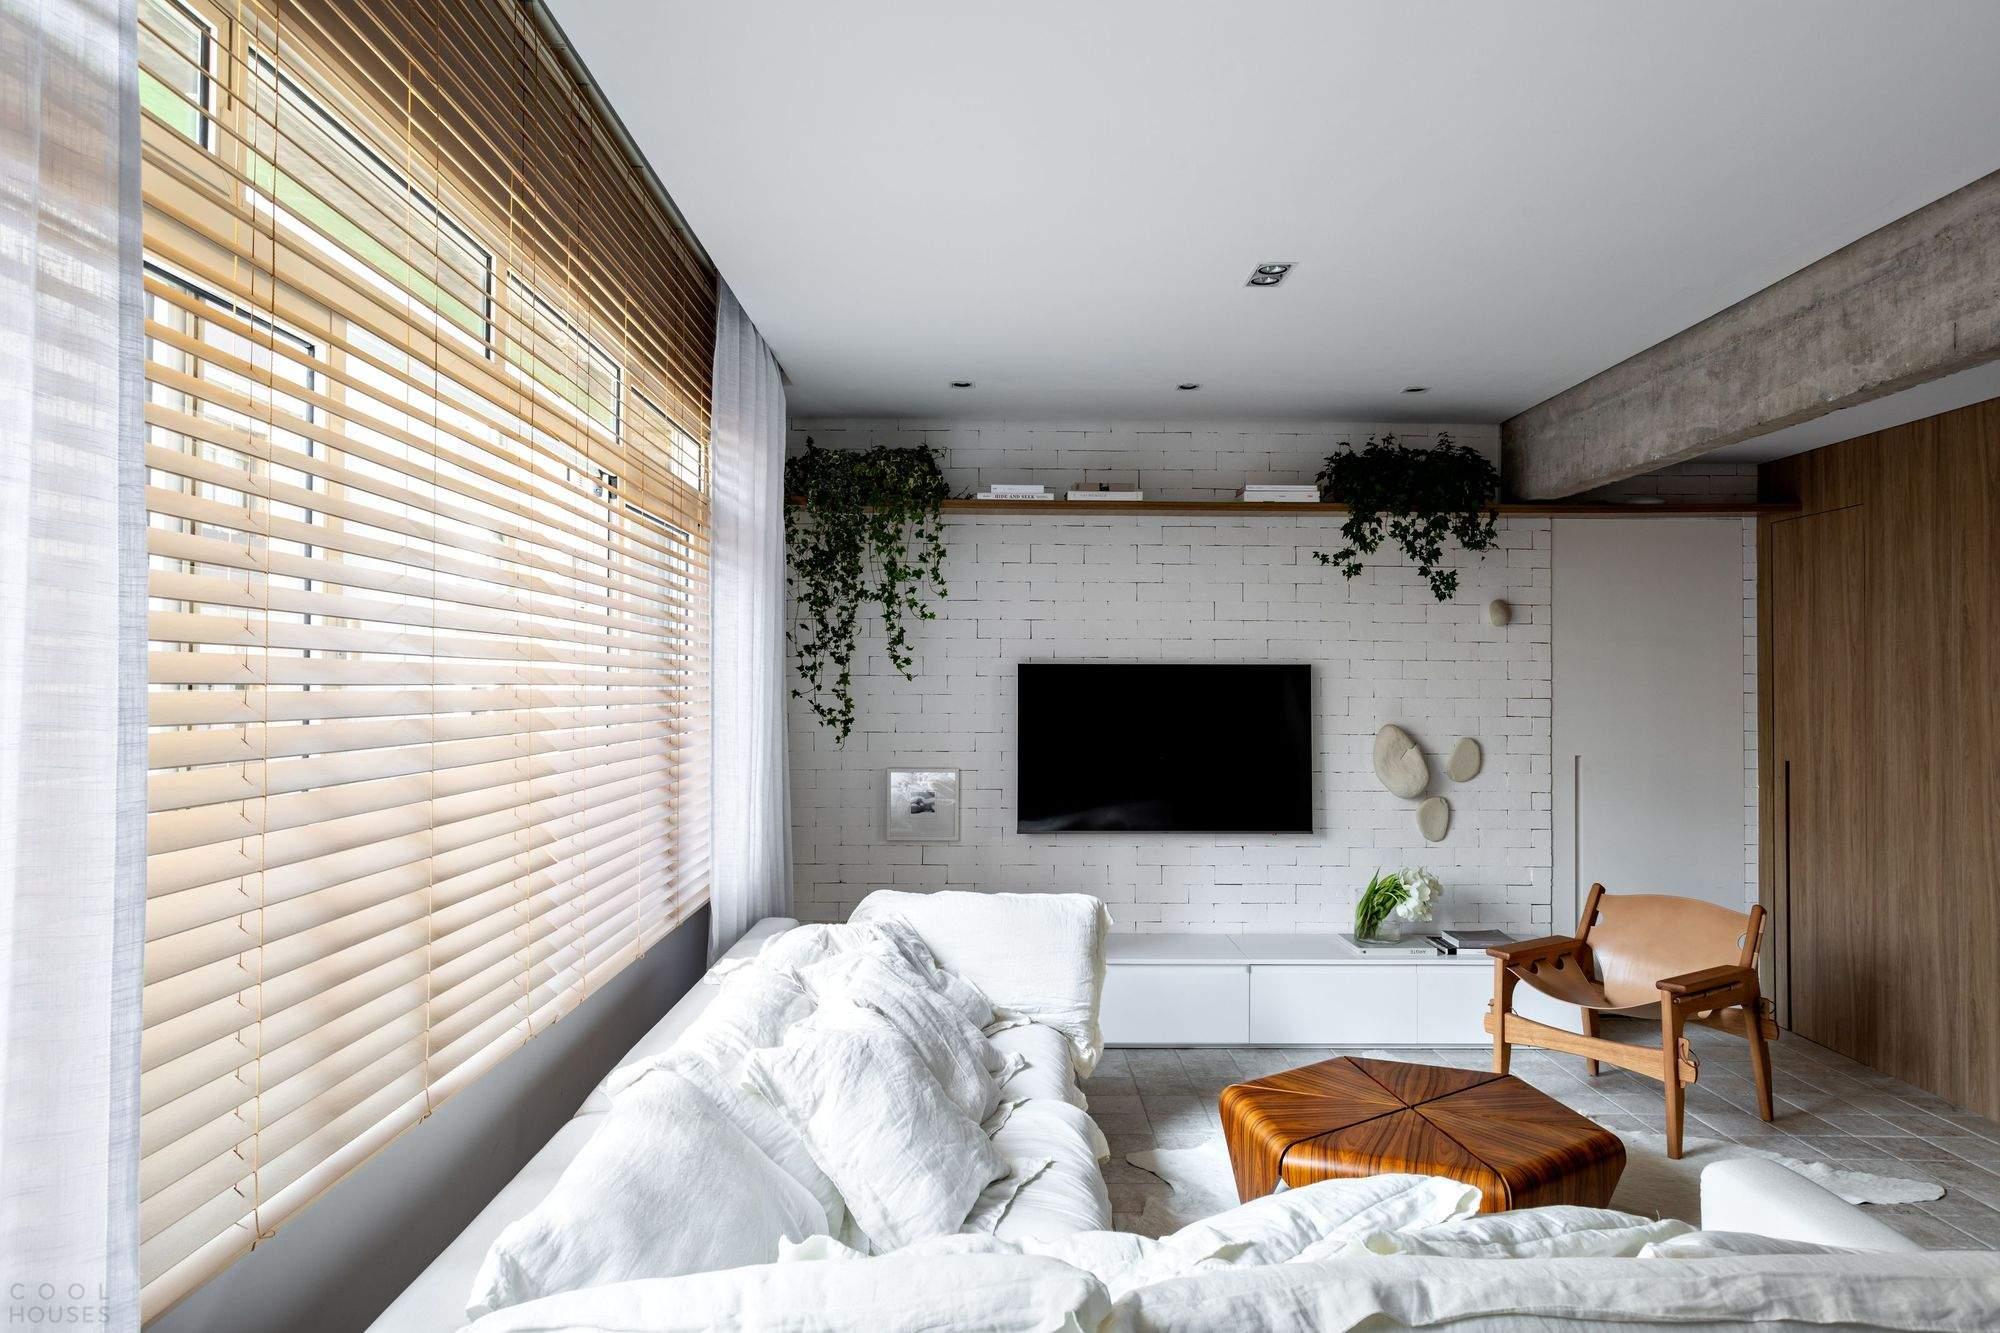 Апартаменты с максимальной интеграцией пространств, Бразилия